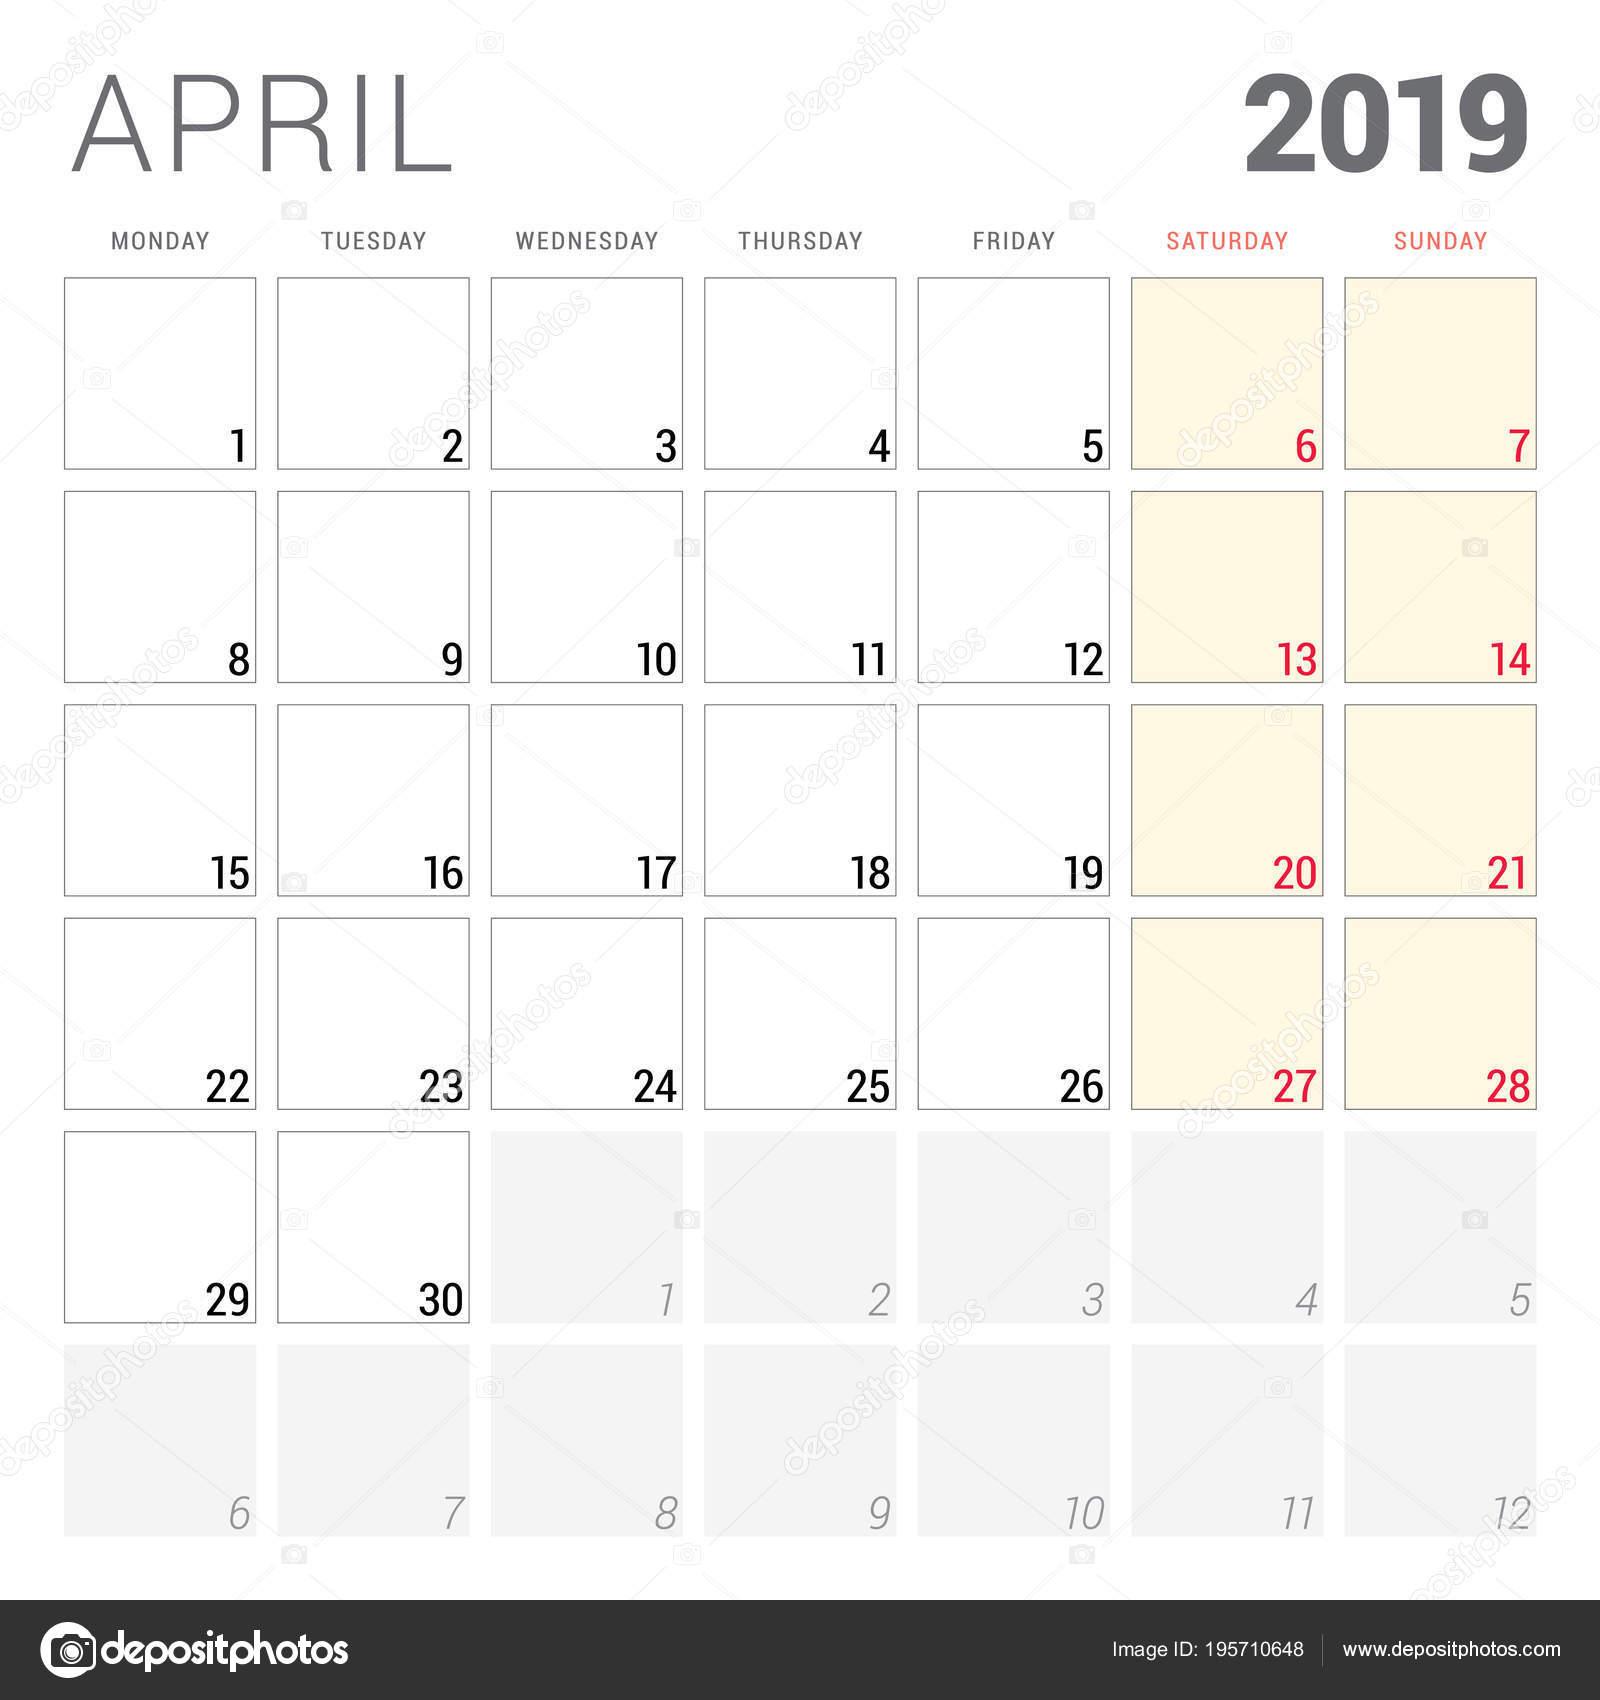 2019 áprilisi naptár Naptár tervező április 2019. Hét kezdőnapja a hétfő. Nyomtatható  2019 áprilisi naptár